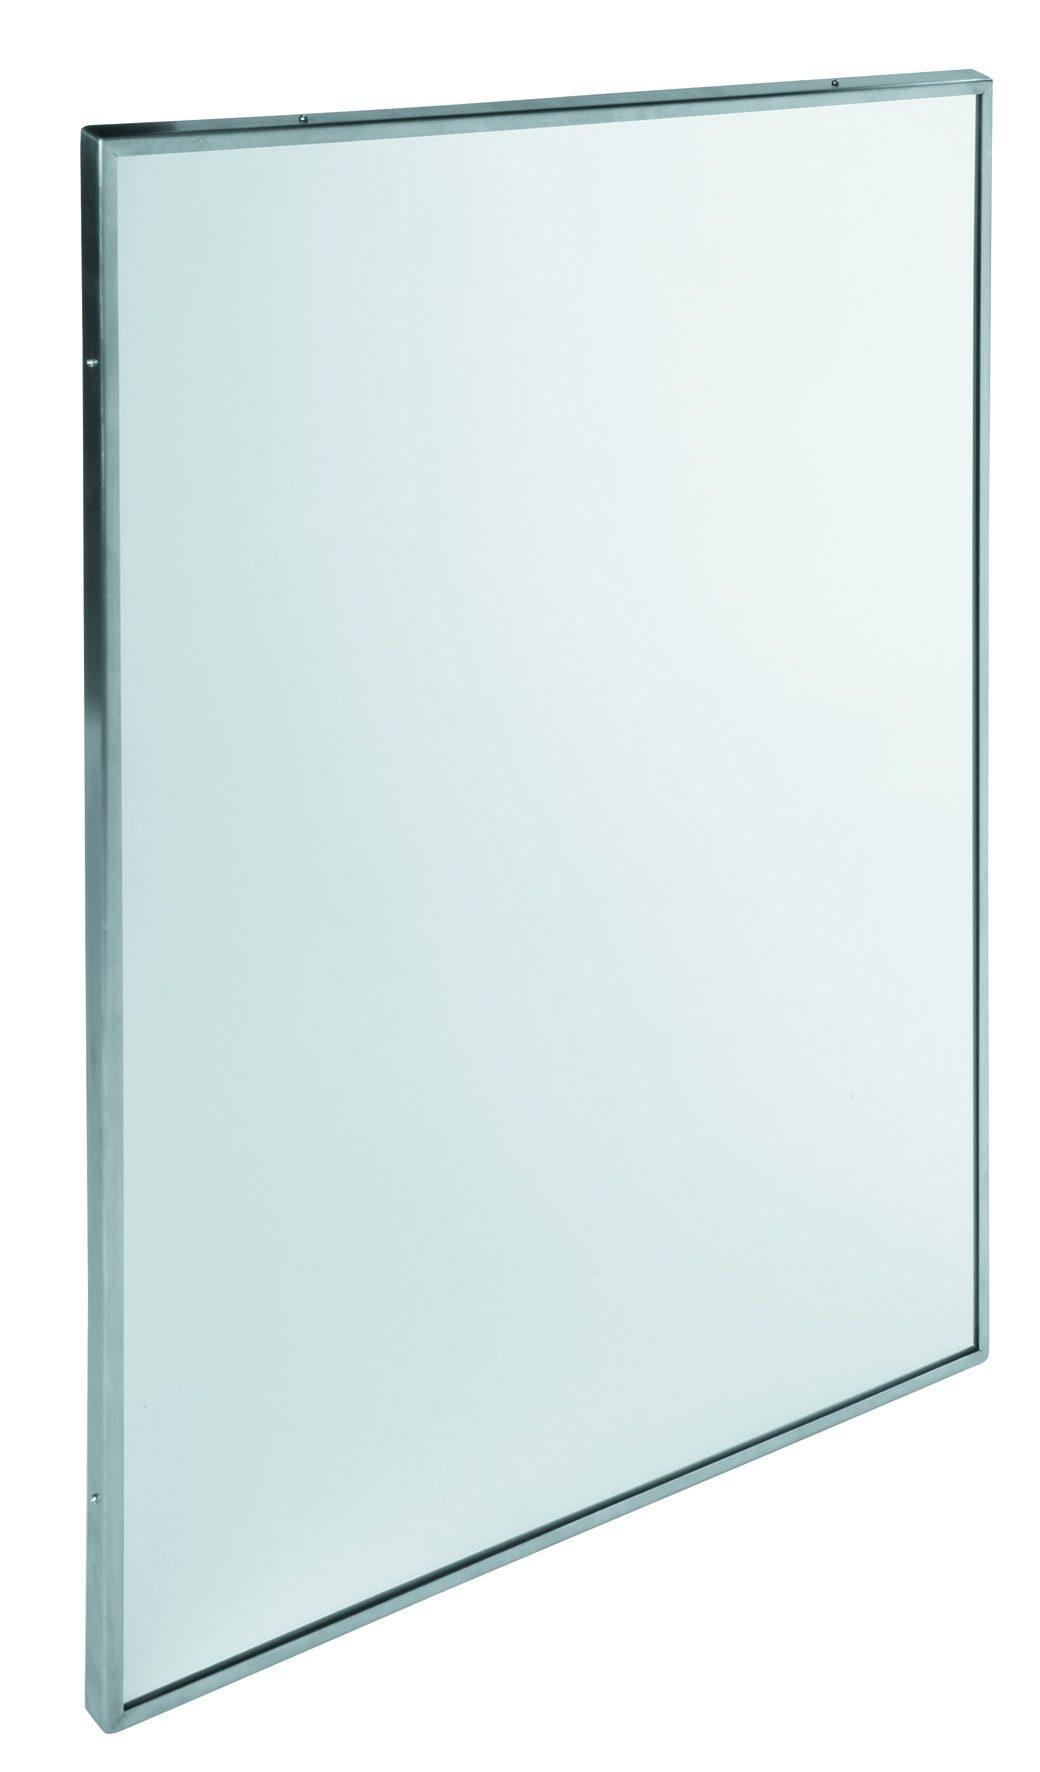 Rostfritt stål (AISI 304) - EP0400CS